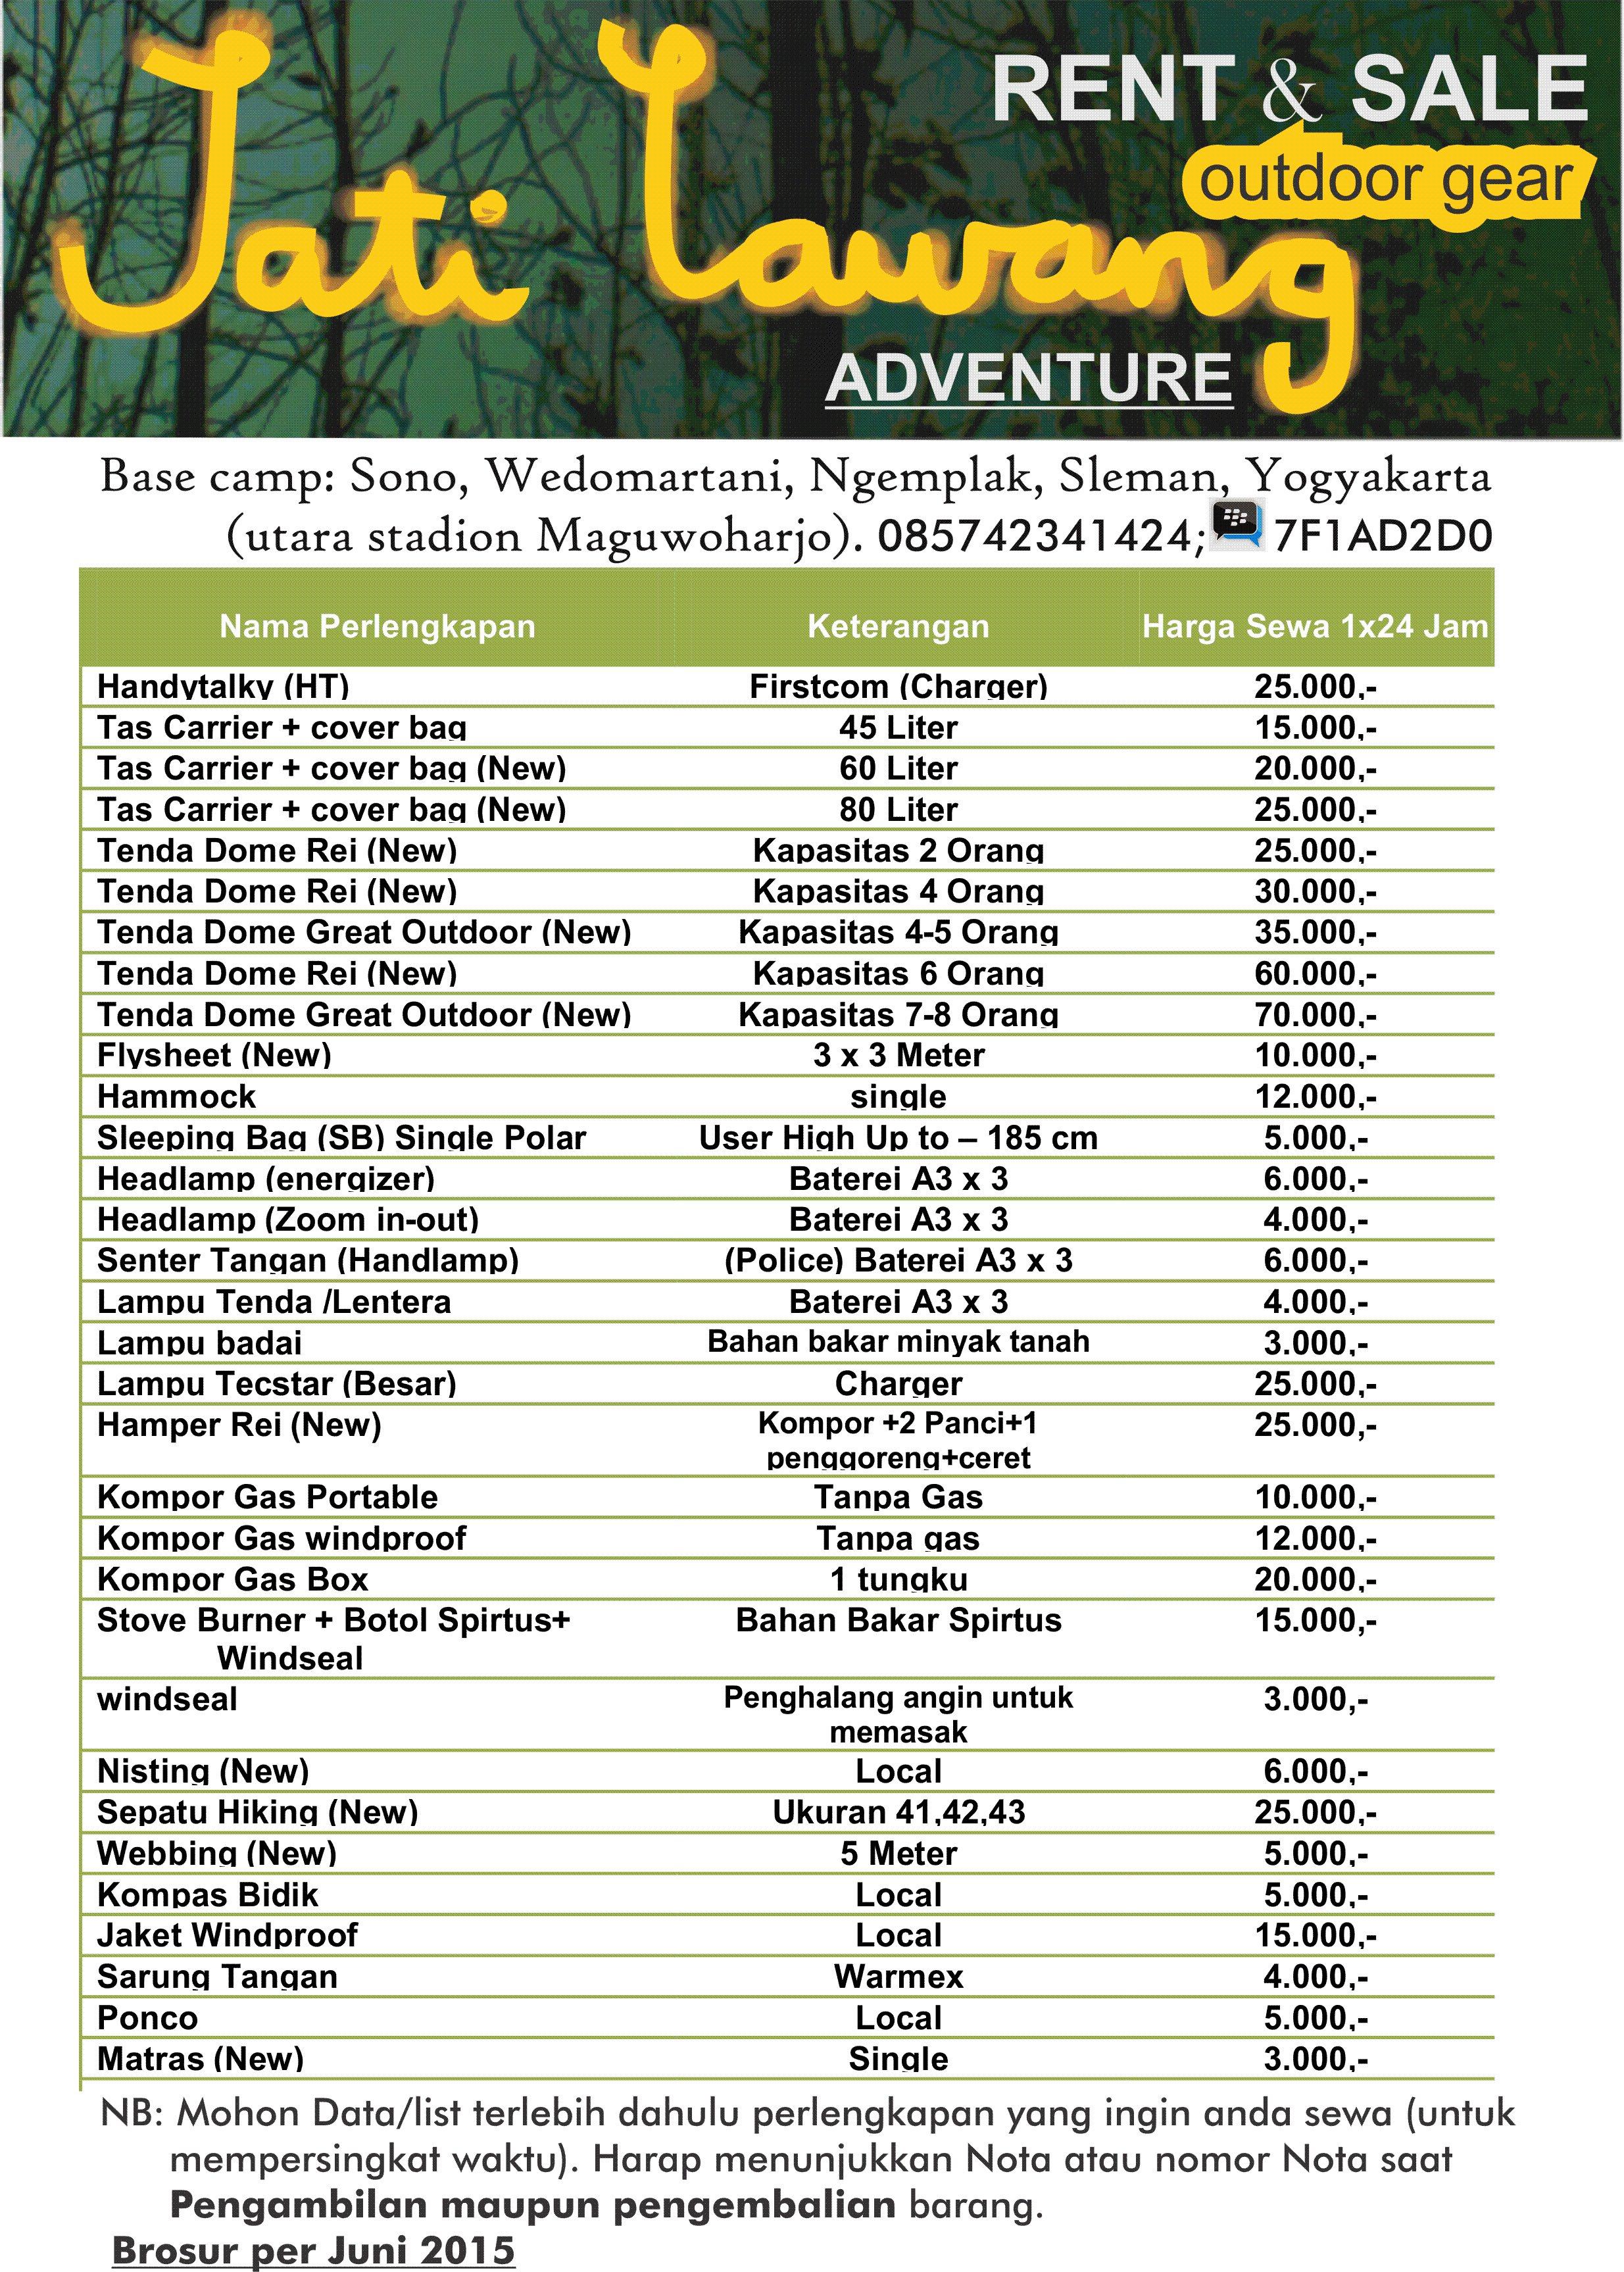 List Harga Sewa Alat Outdoor Jatilawang Adventure Yogyakarta Jatilawang Adventure